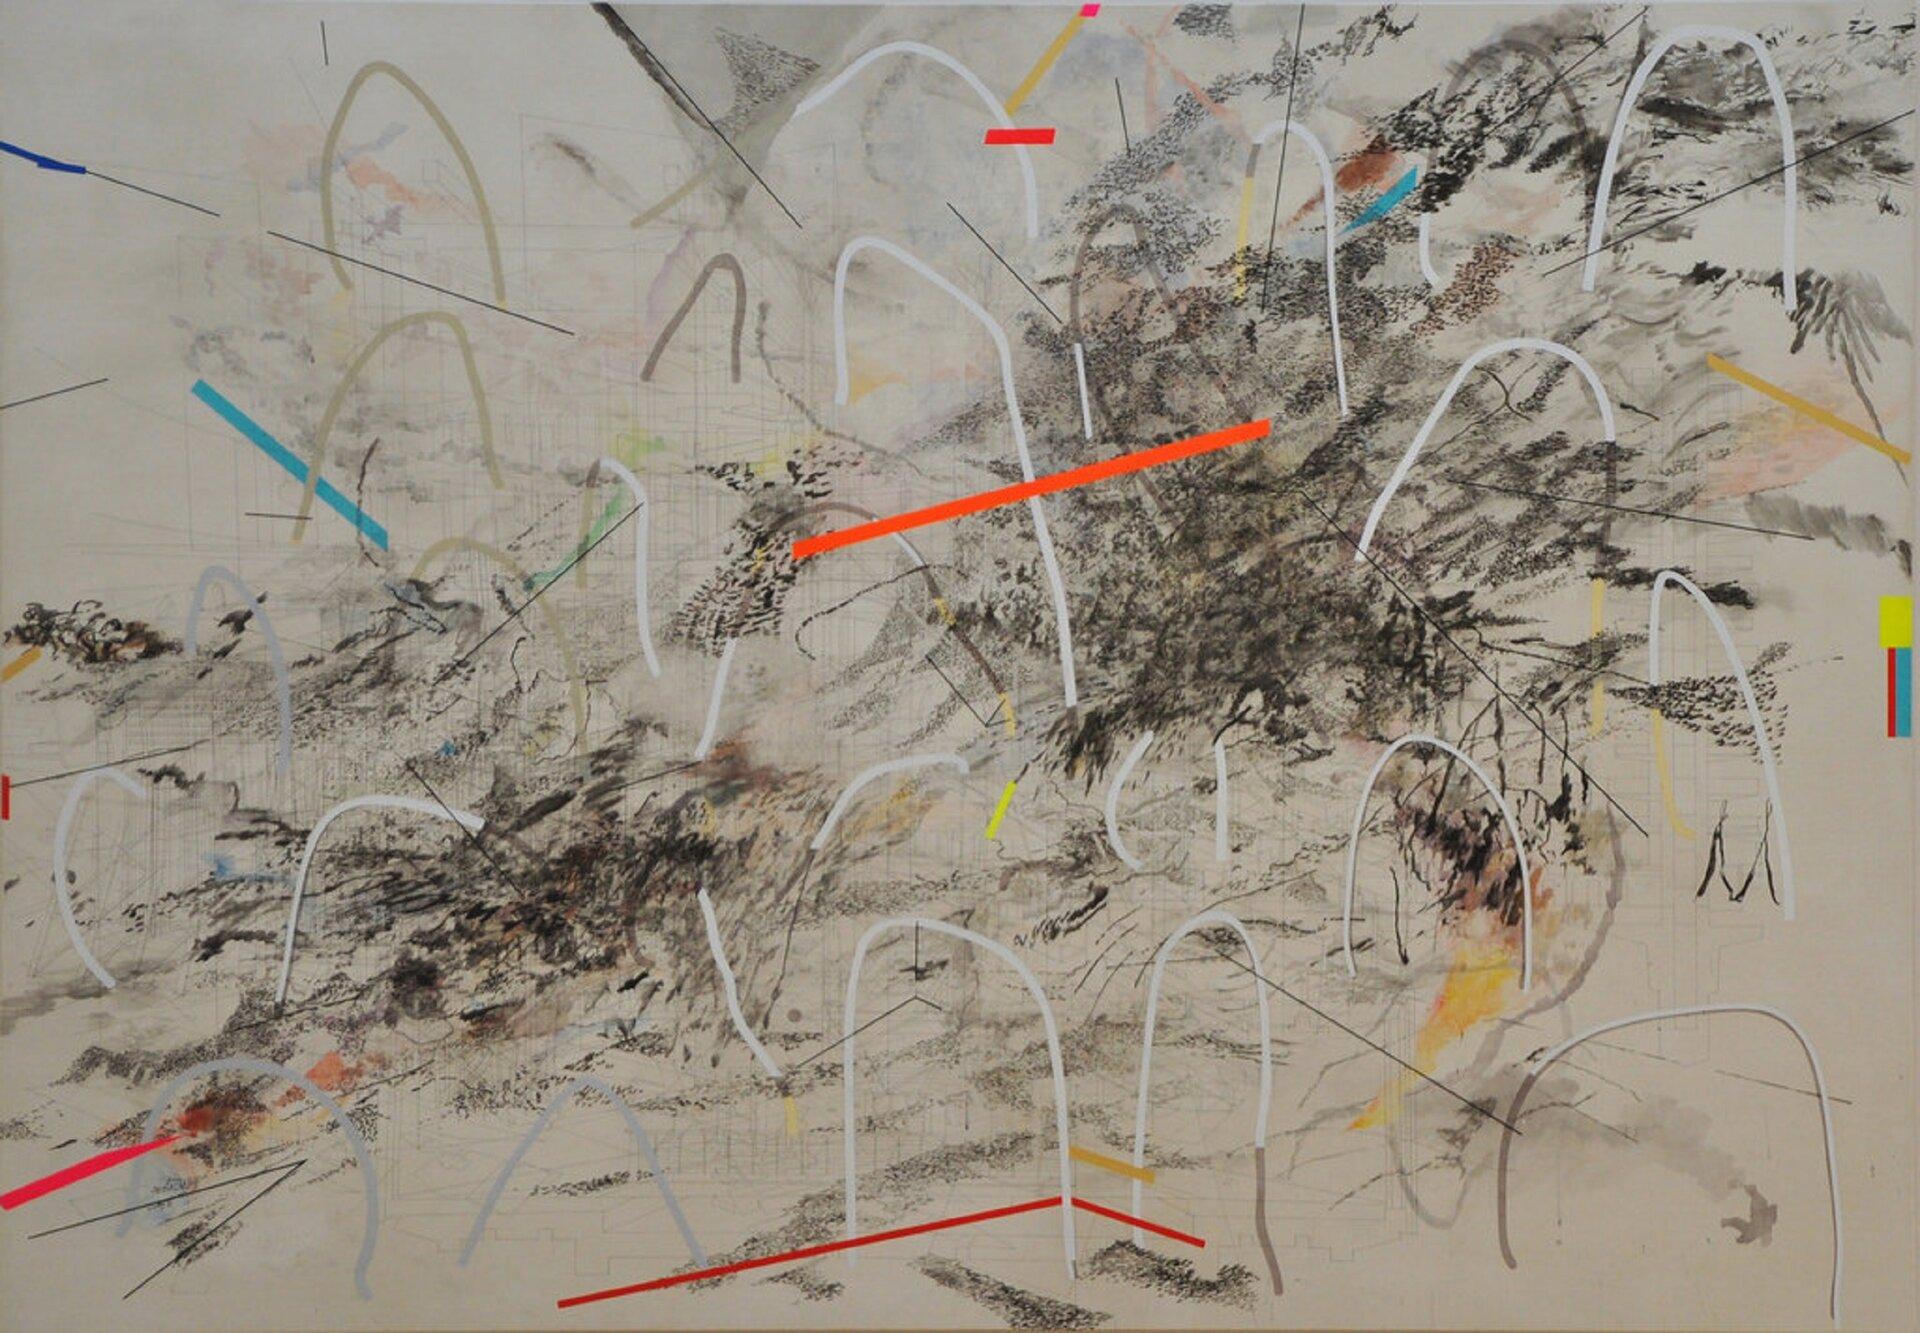 """Ilustracja przedstawia obraz Julie Mehretu """"Pół się unosi apół opada"""". Ukazuje abstrakcję. Na beżowym tle zdelikatnymi, cienkimi kreskami, znajdują się czarne, nieregularne plamy, narysowane prawdopodobnie węglem. Na nich narysowane są białe łuki oraz proste linie wkolorach: czerwonym, pomarańczowym, niebieskim. Obraz jest chaotyczny."""